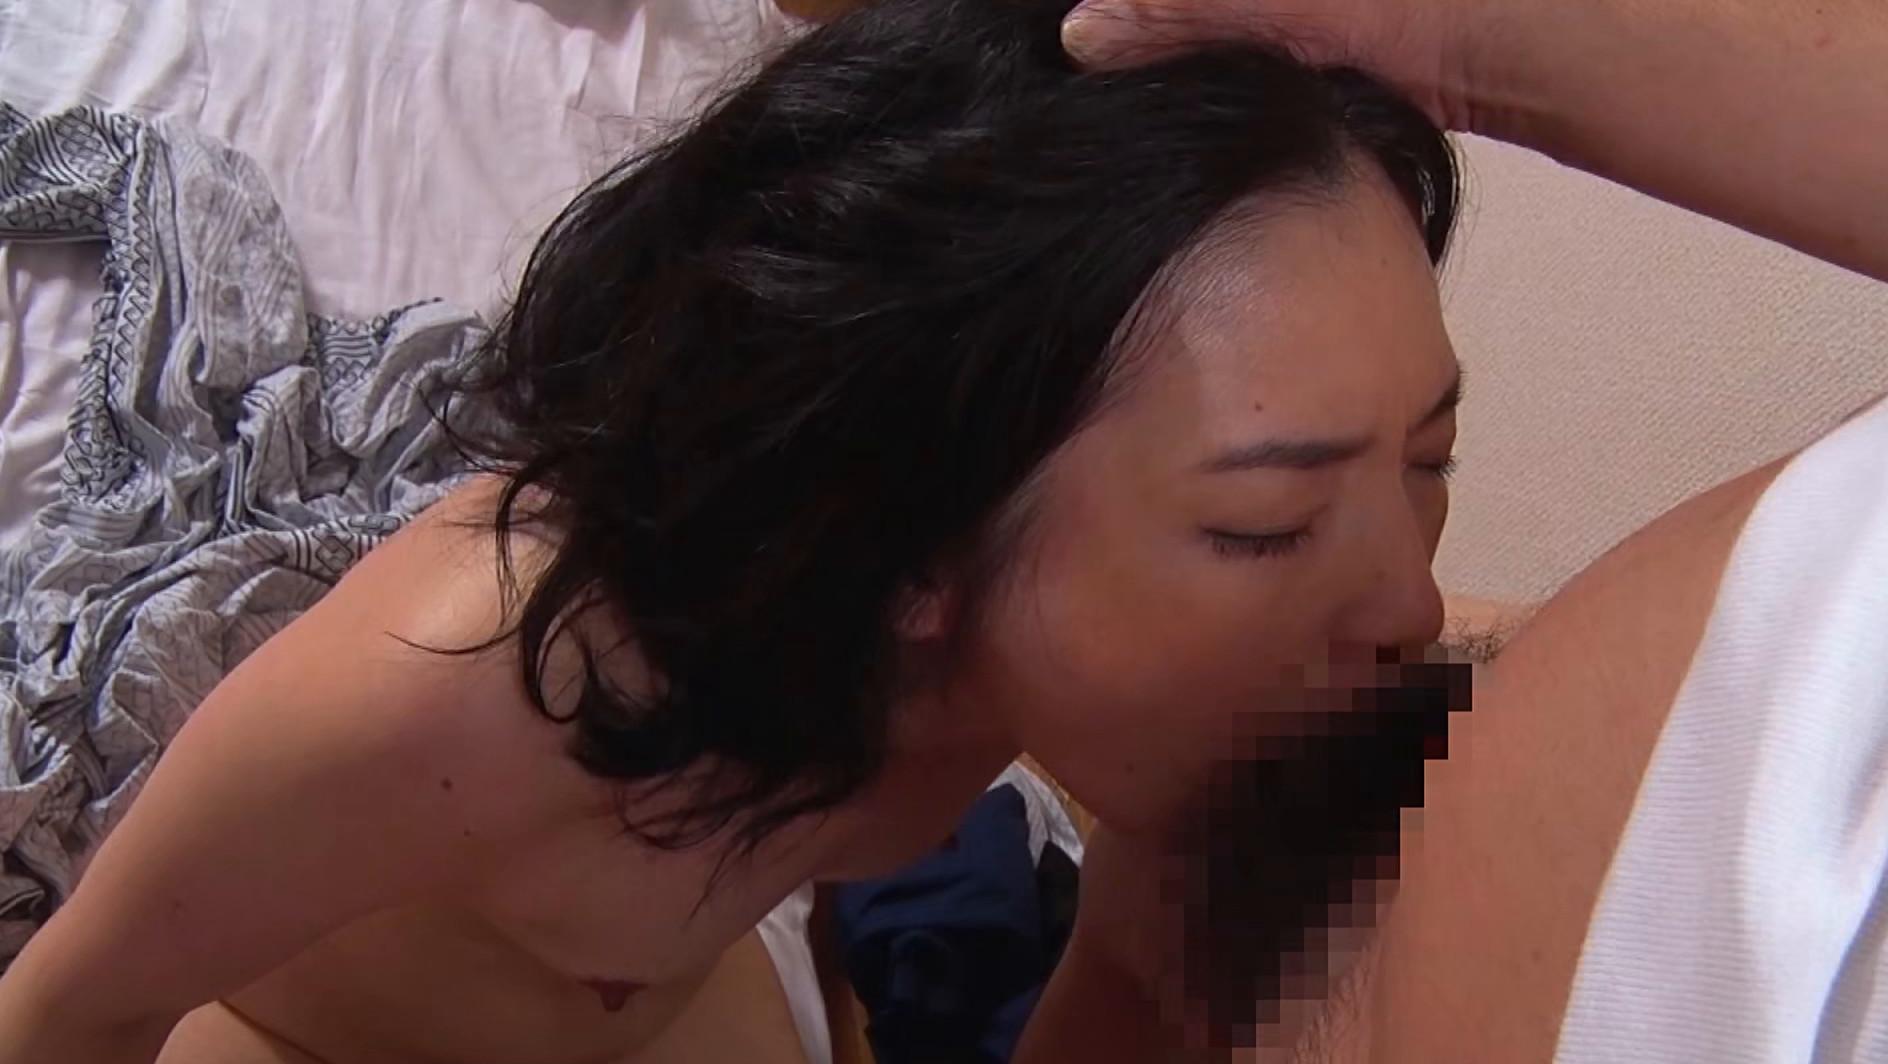 紗江子 (50歳)客間で休んでいただけなのに・・・ 画像11